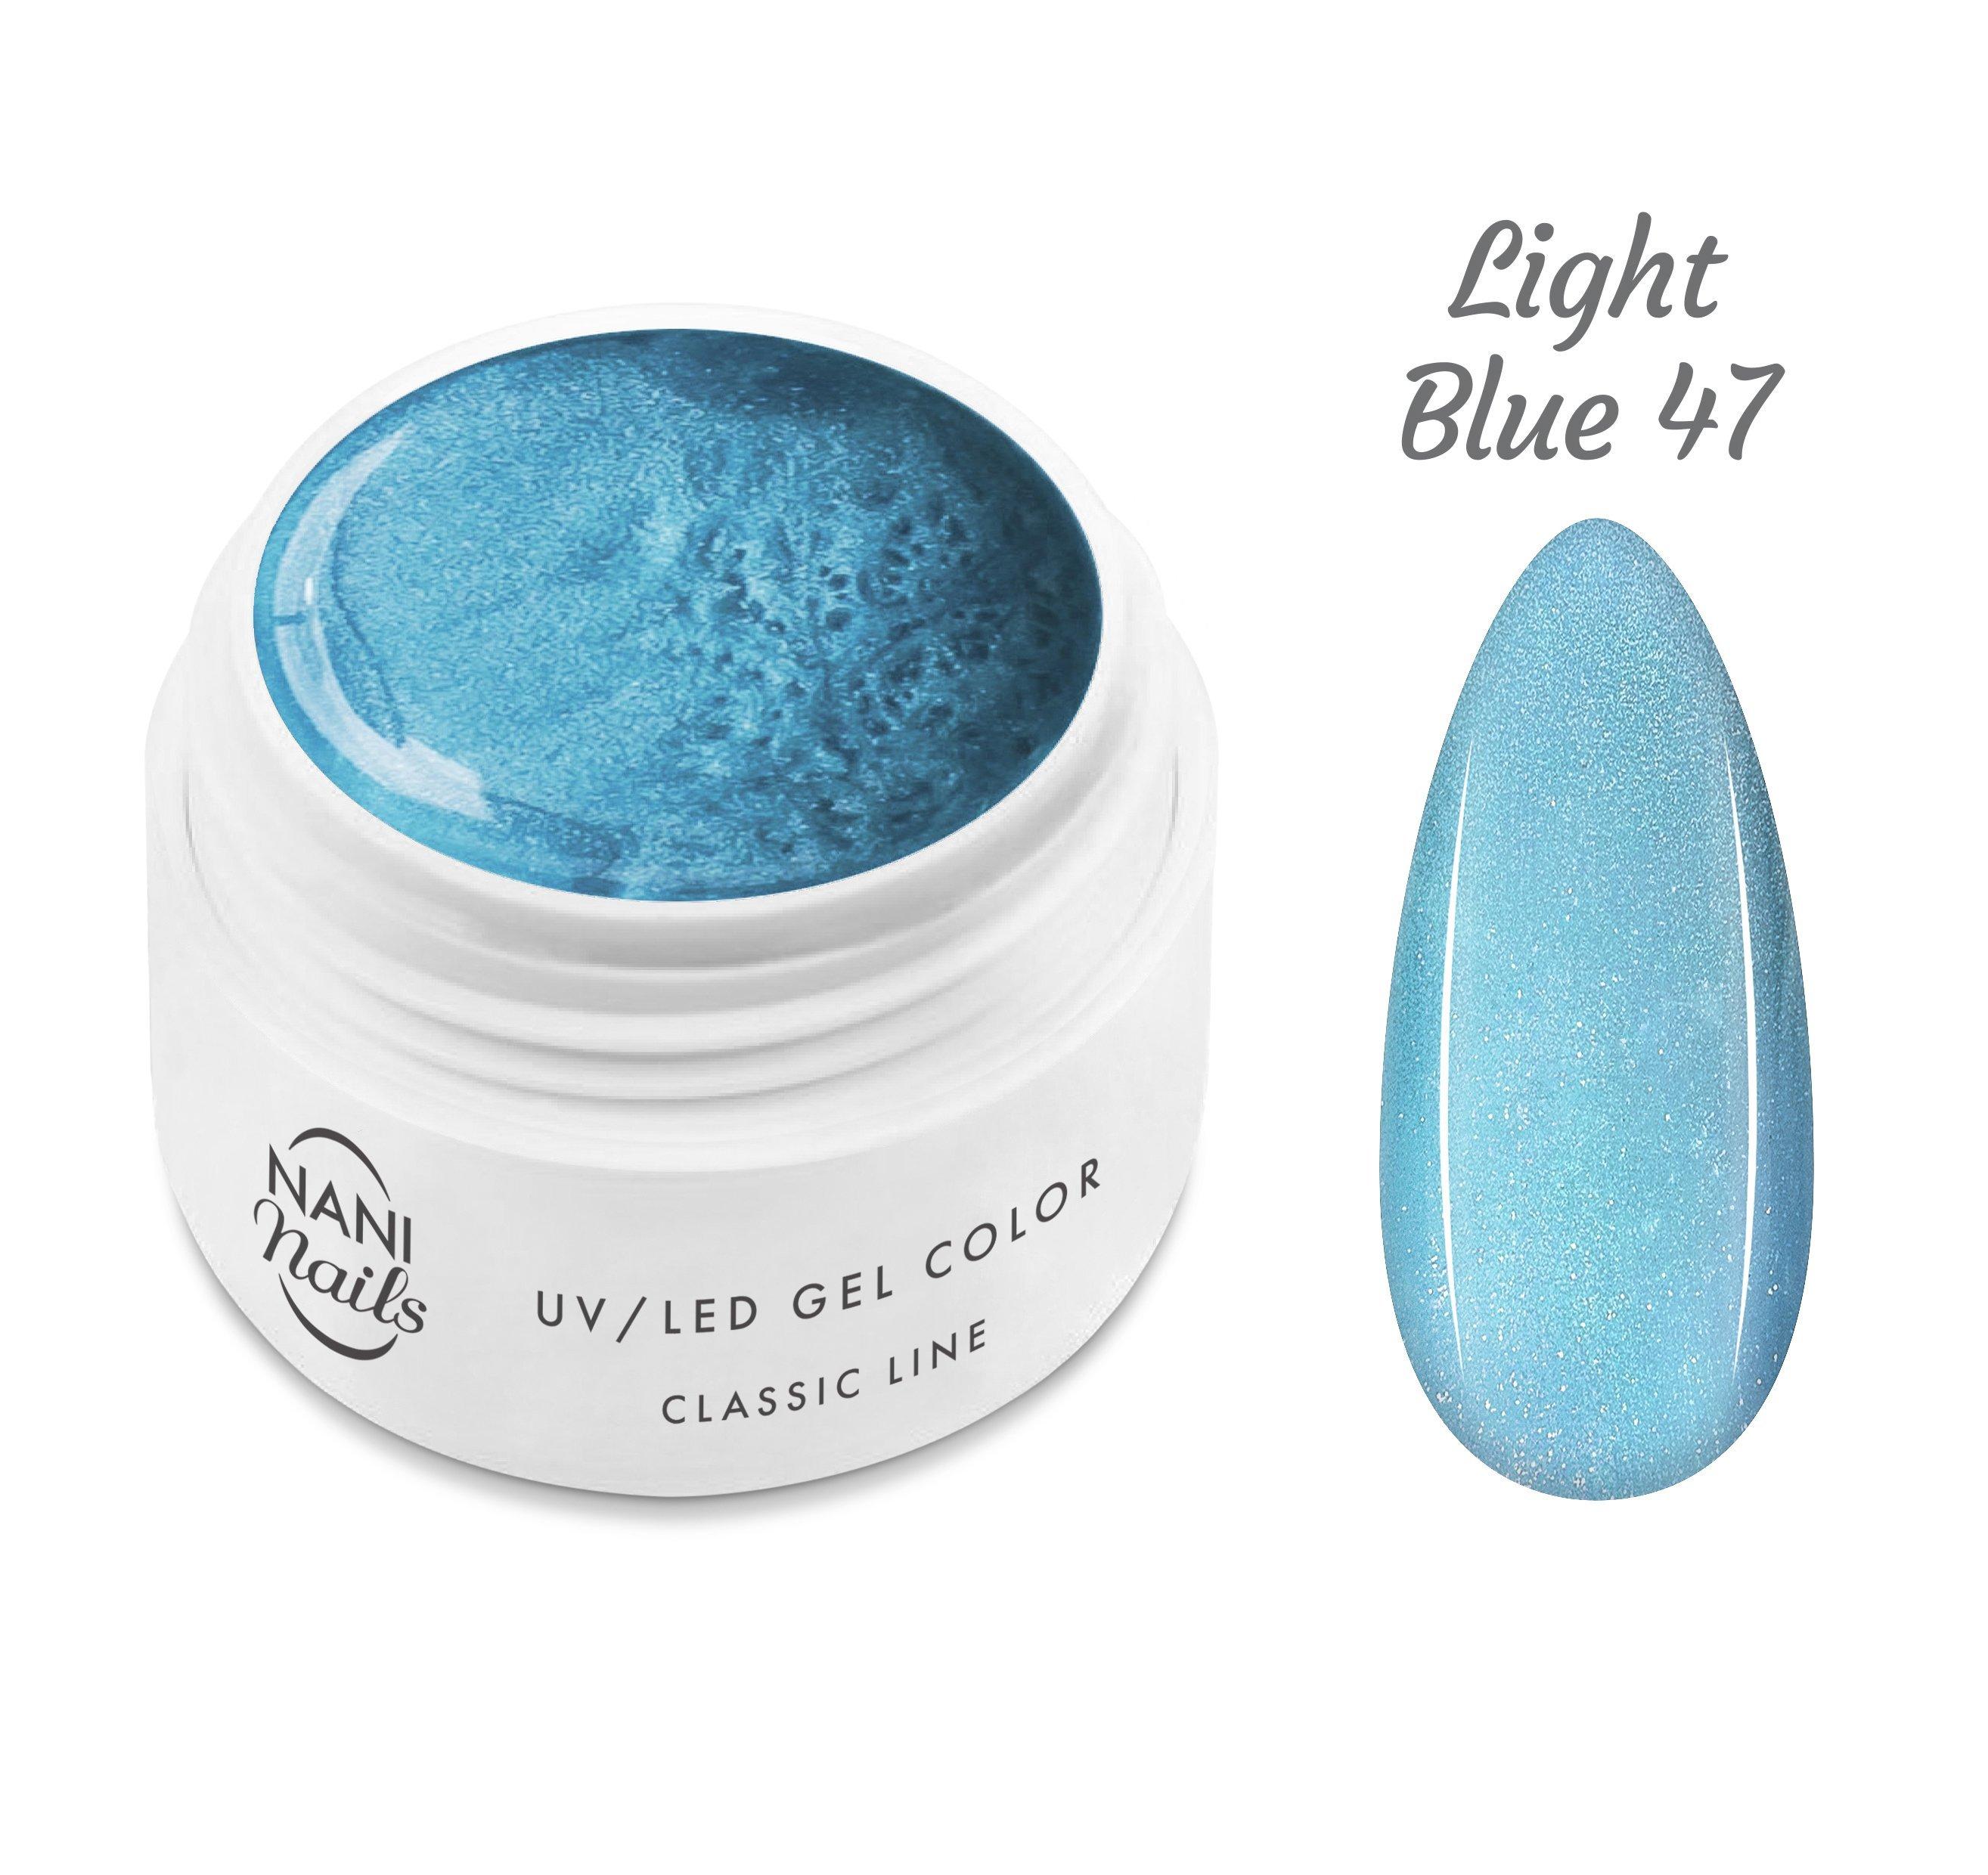 NANI UV gél Classic Line 5 ml - Light Blue